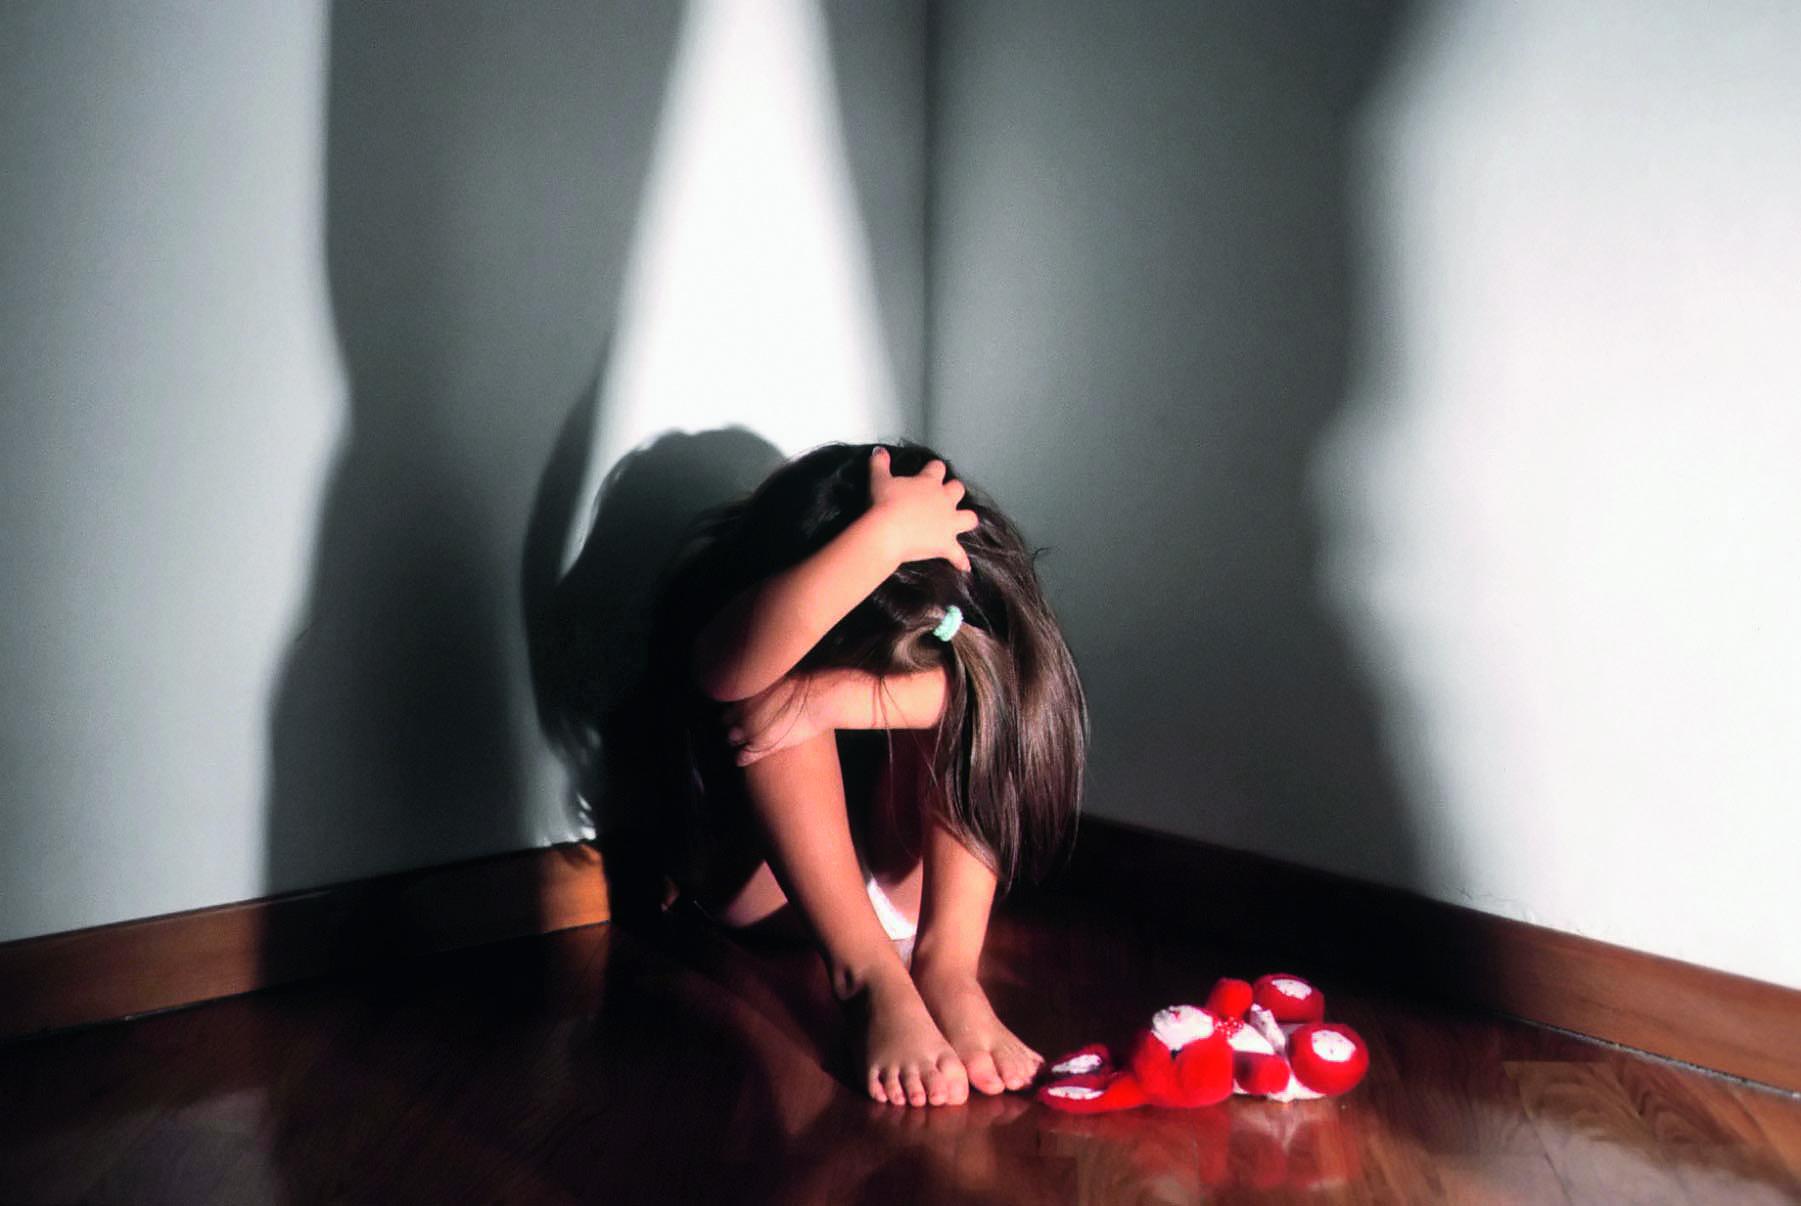 Tragedia a Mantova, suicidio di coppia davanti a figlia di 6 anni